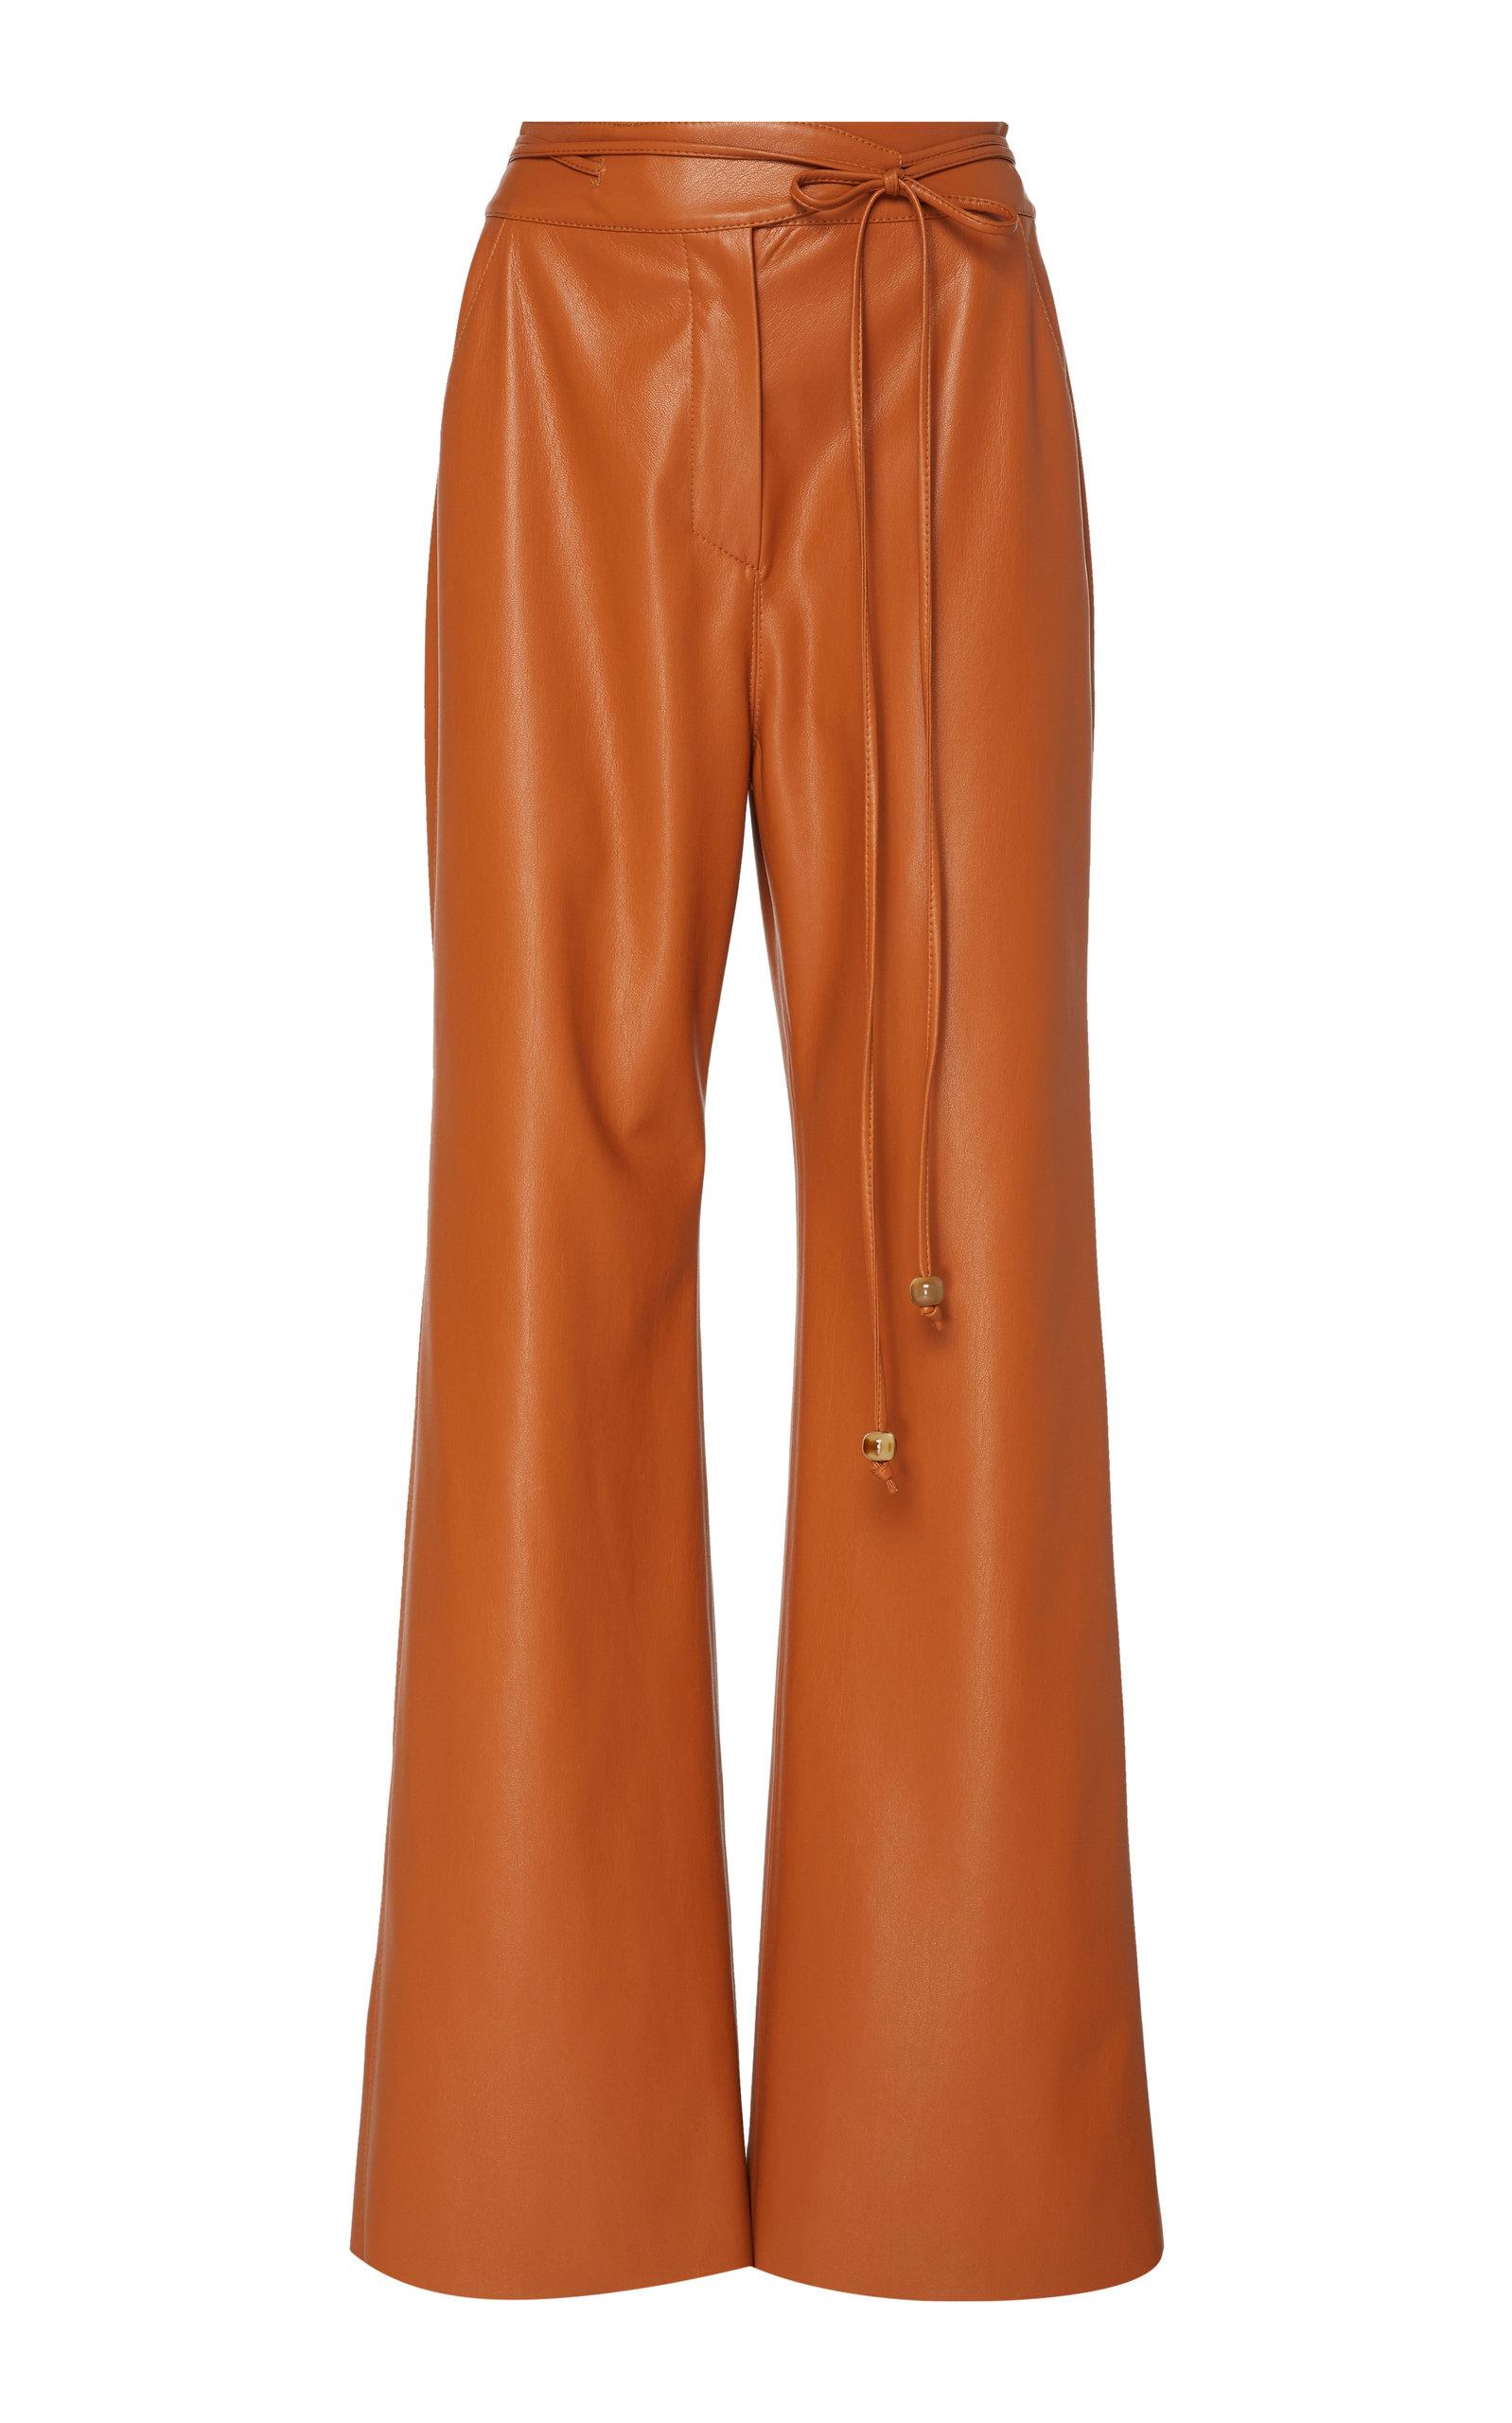 Nanushka Pants Chimo Vegan Leather Wide-Leg Pants